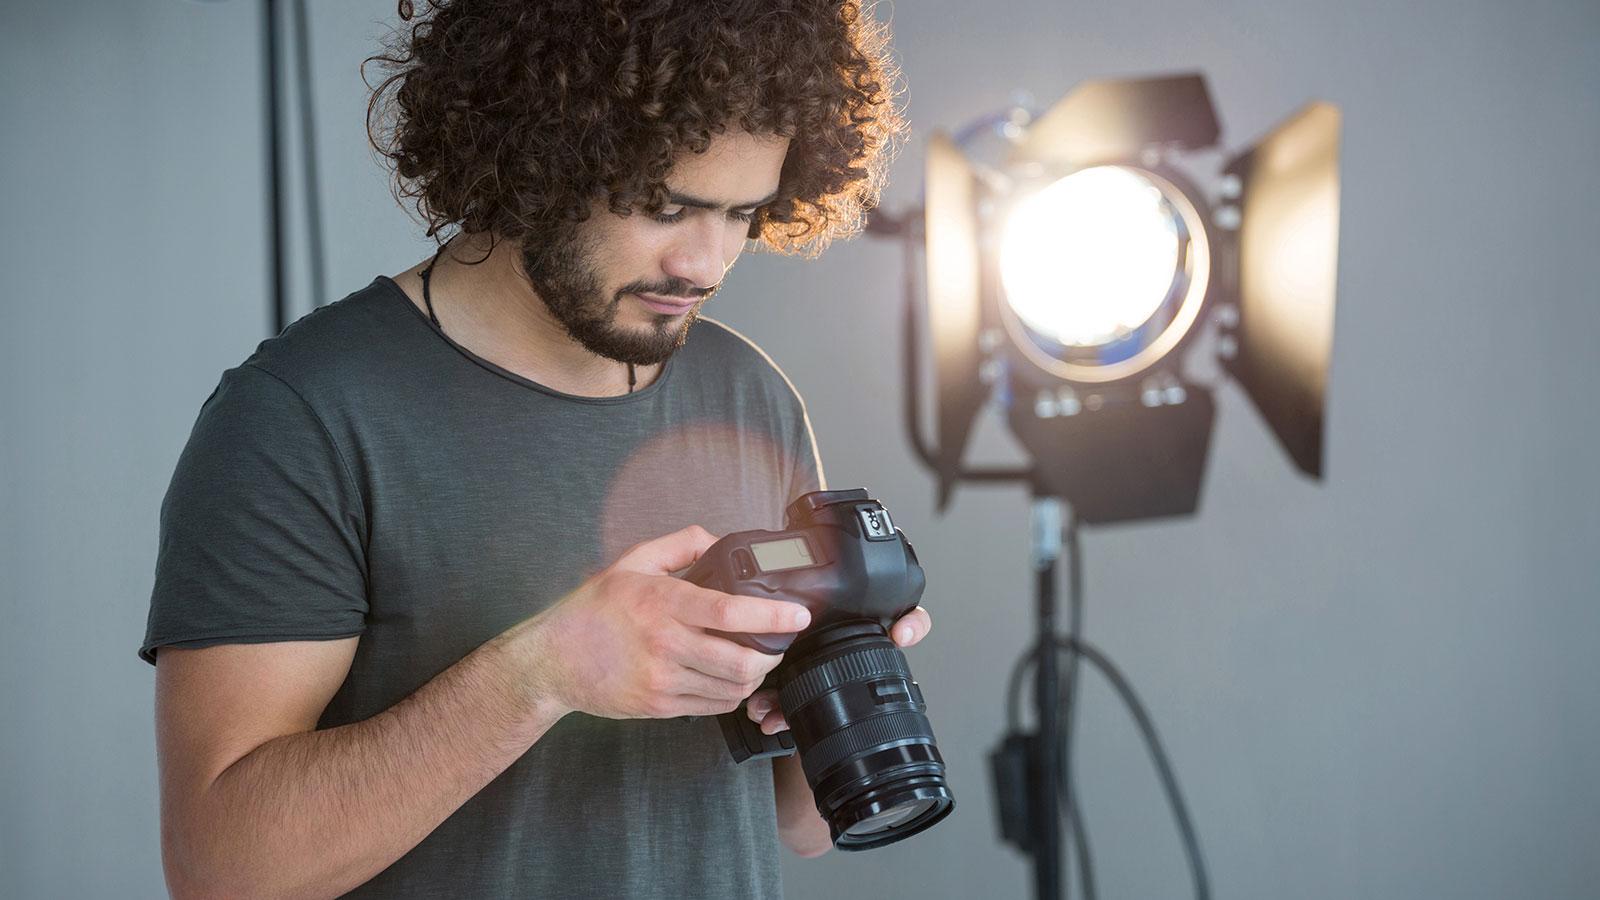 cobertura eventos 3 - Por que devo realizar a cobertura de eventos com vídeos?